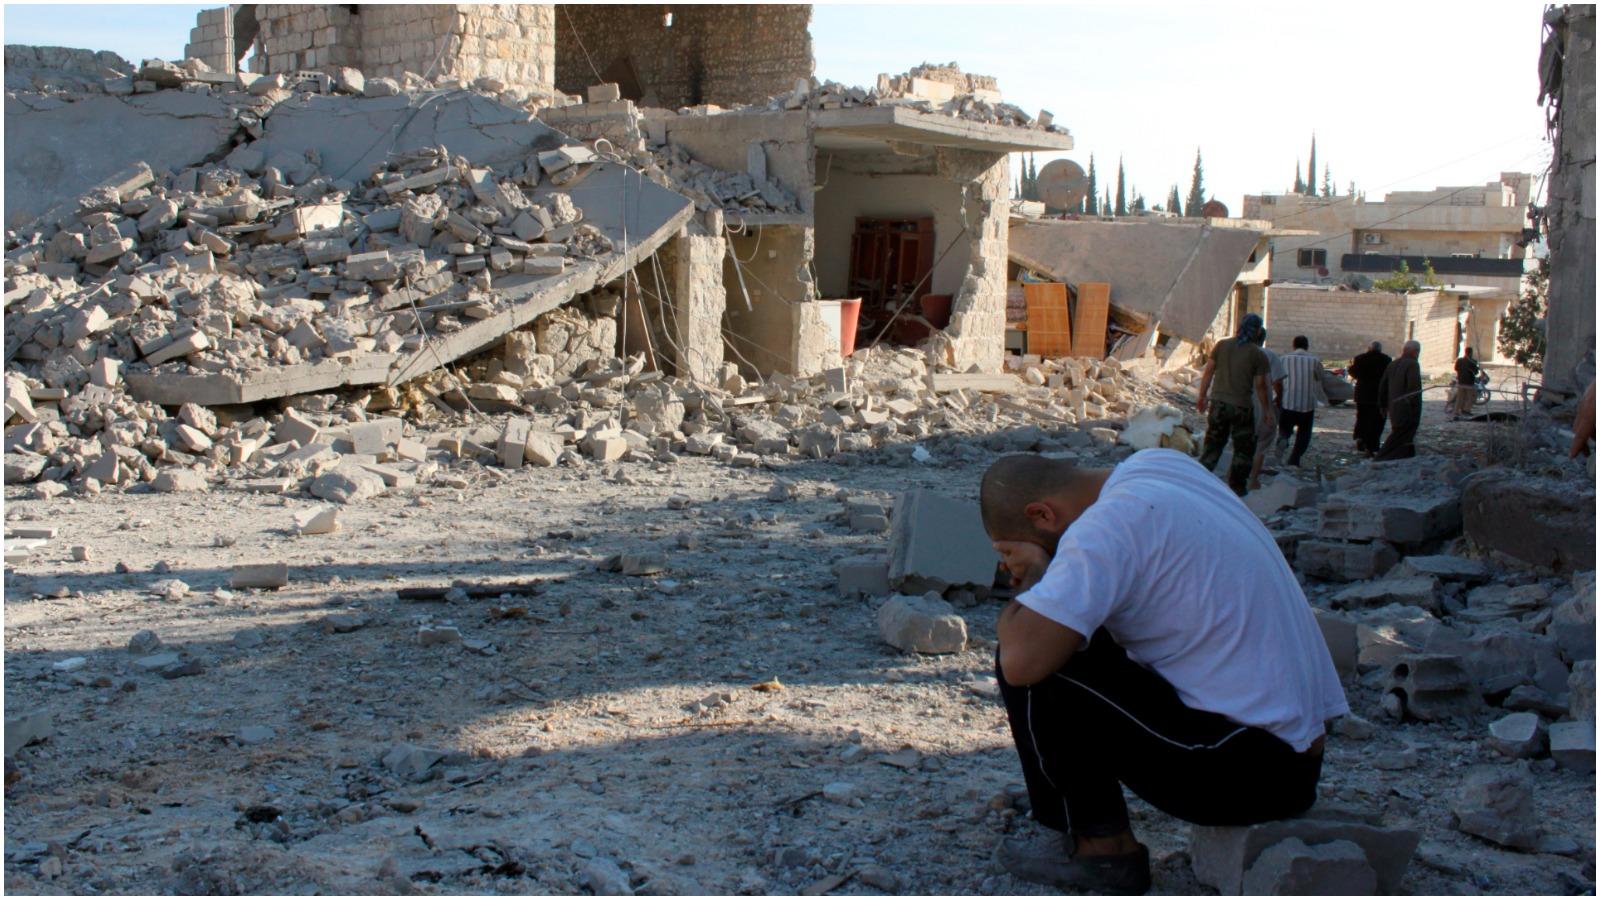 Helle Malmvig (DIIS): Den syriske oppositions målsætning om at skabe et Syrien med øget frihed og mulighed for politisk deltagelse er død